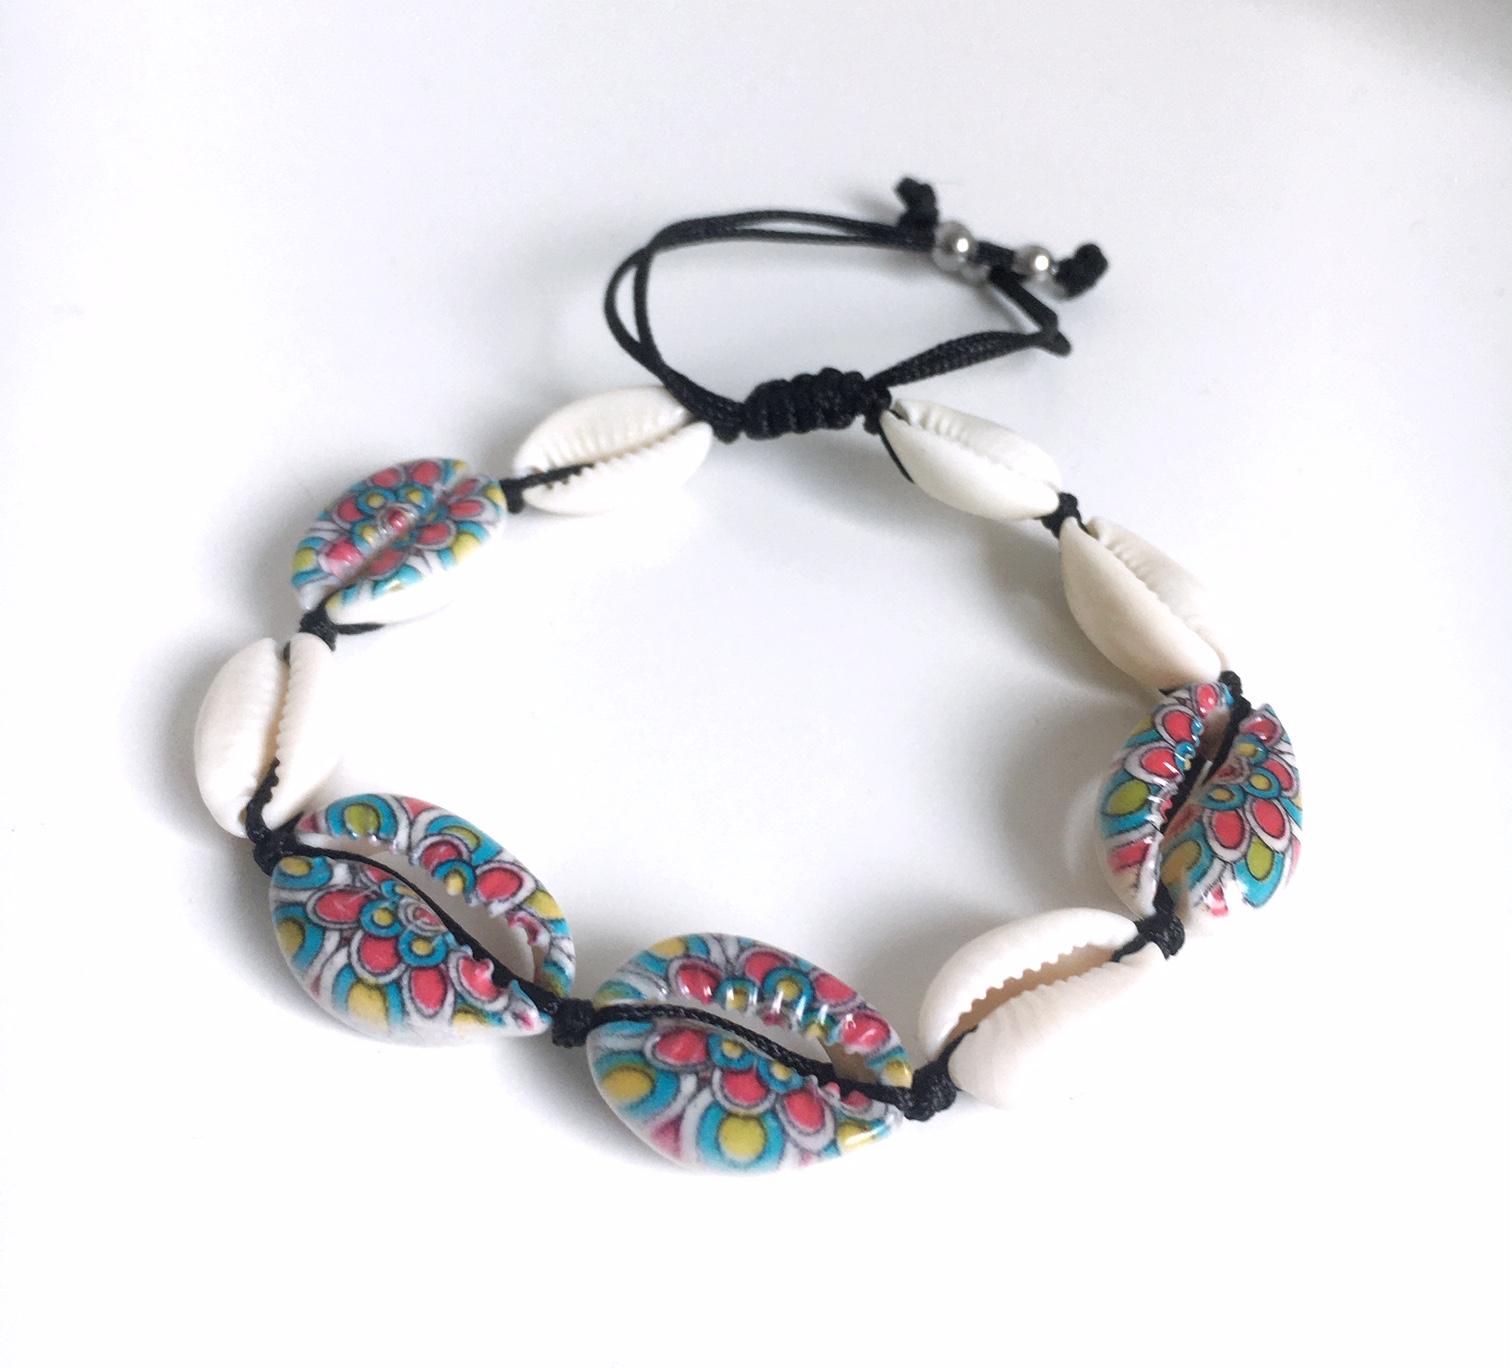 Snäckarmband med färg_retro